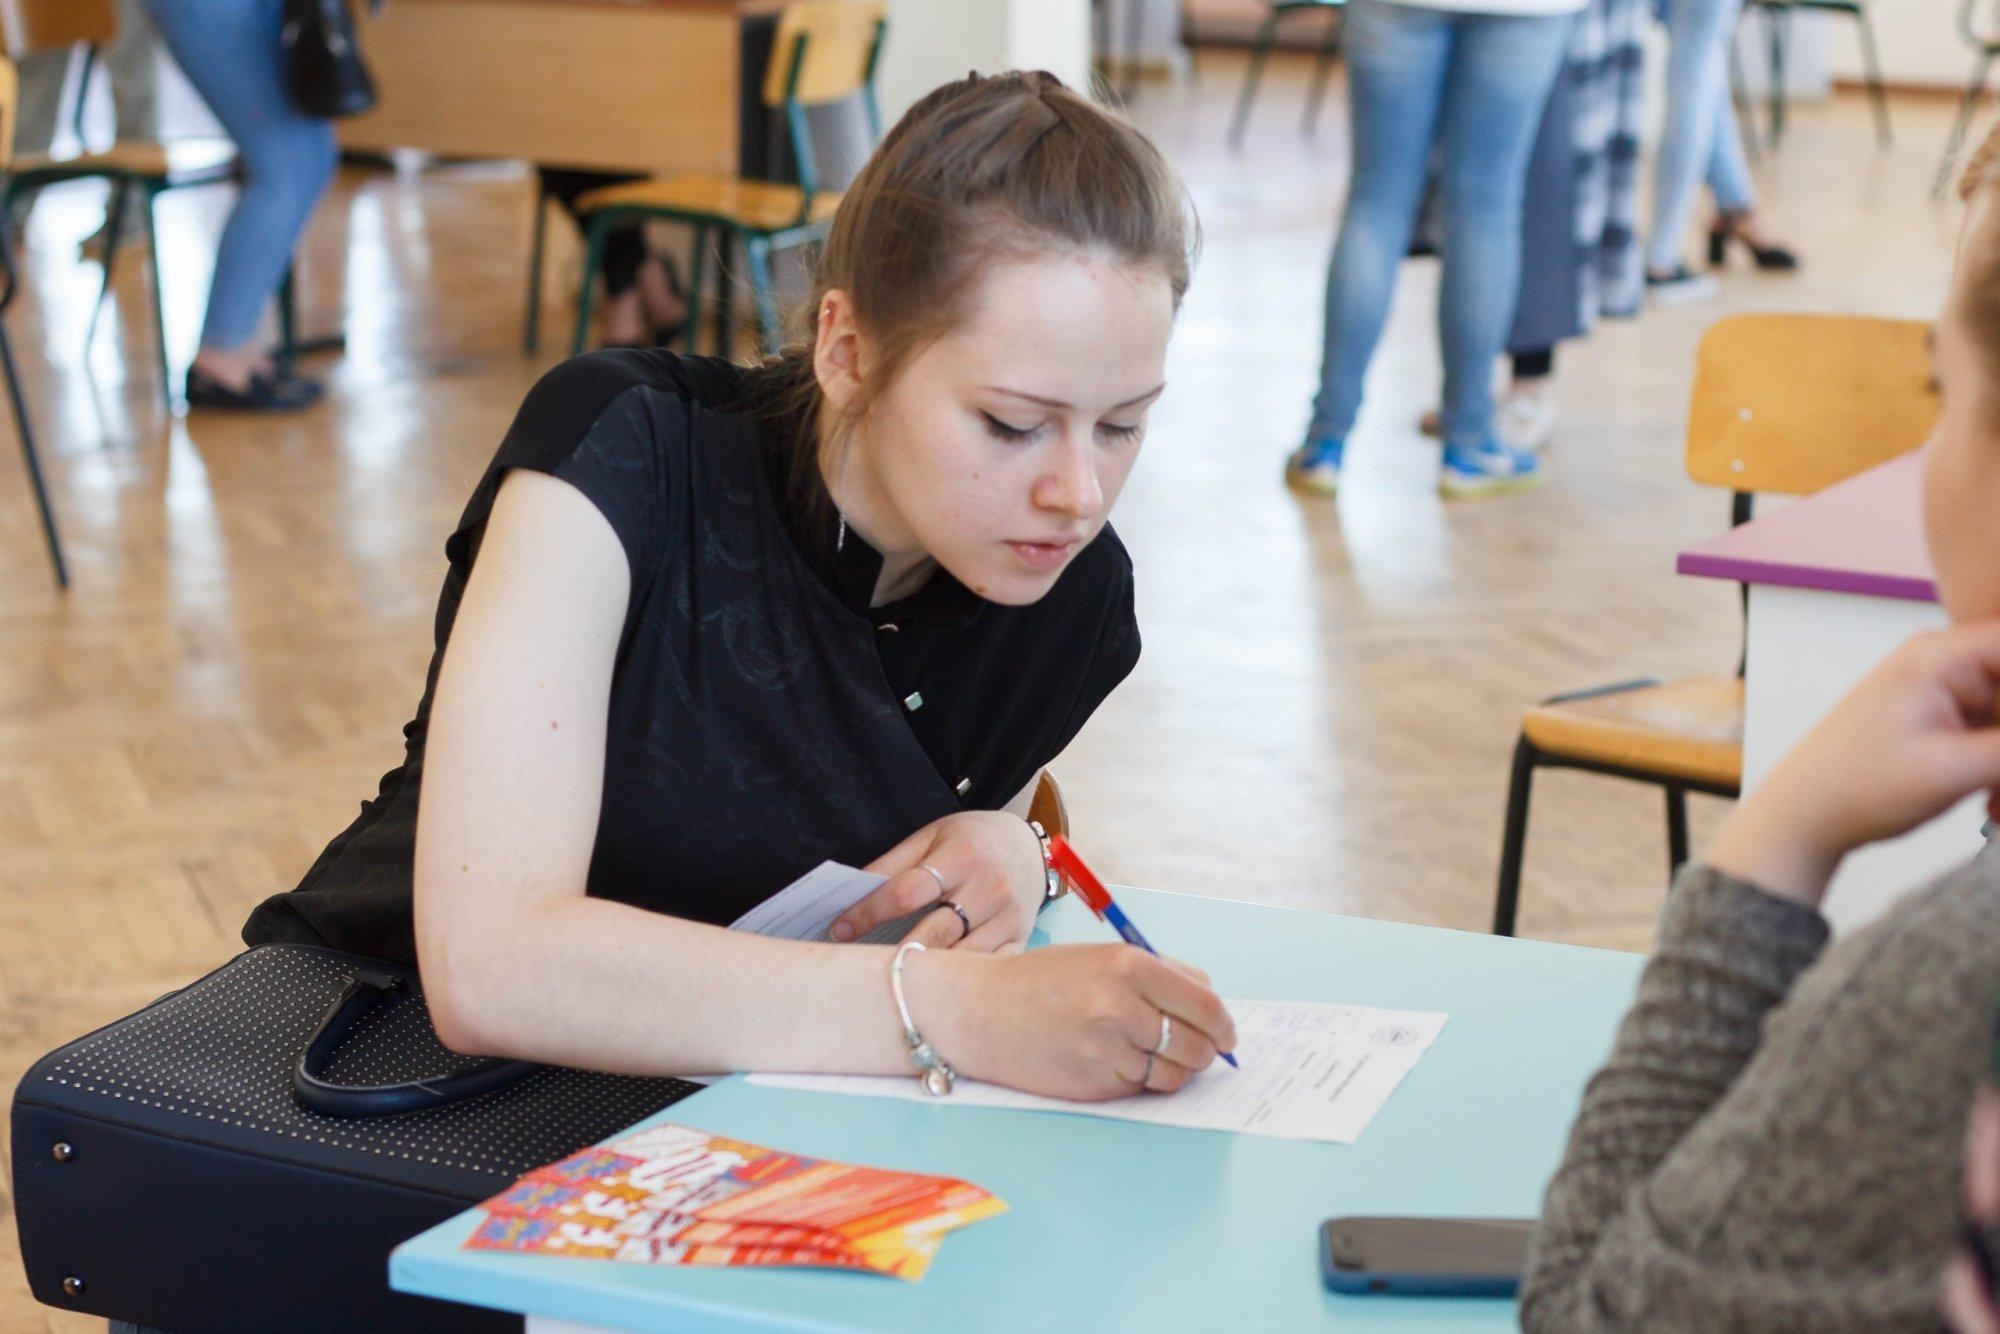 Российский новый университет, РосНОУ - День открытых дверей в онлайн формате